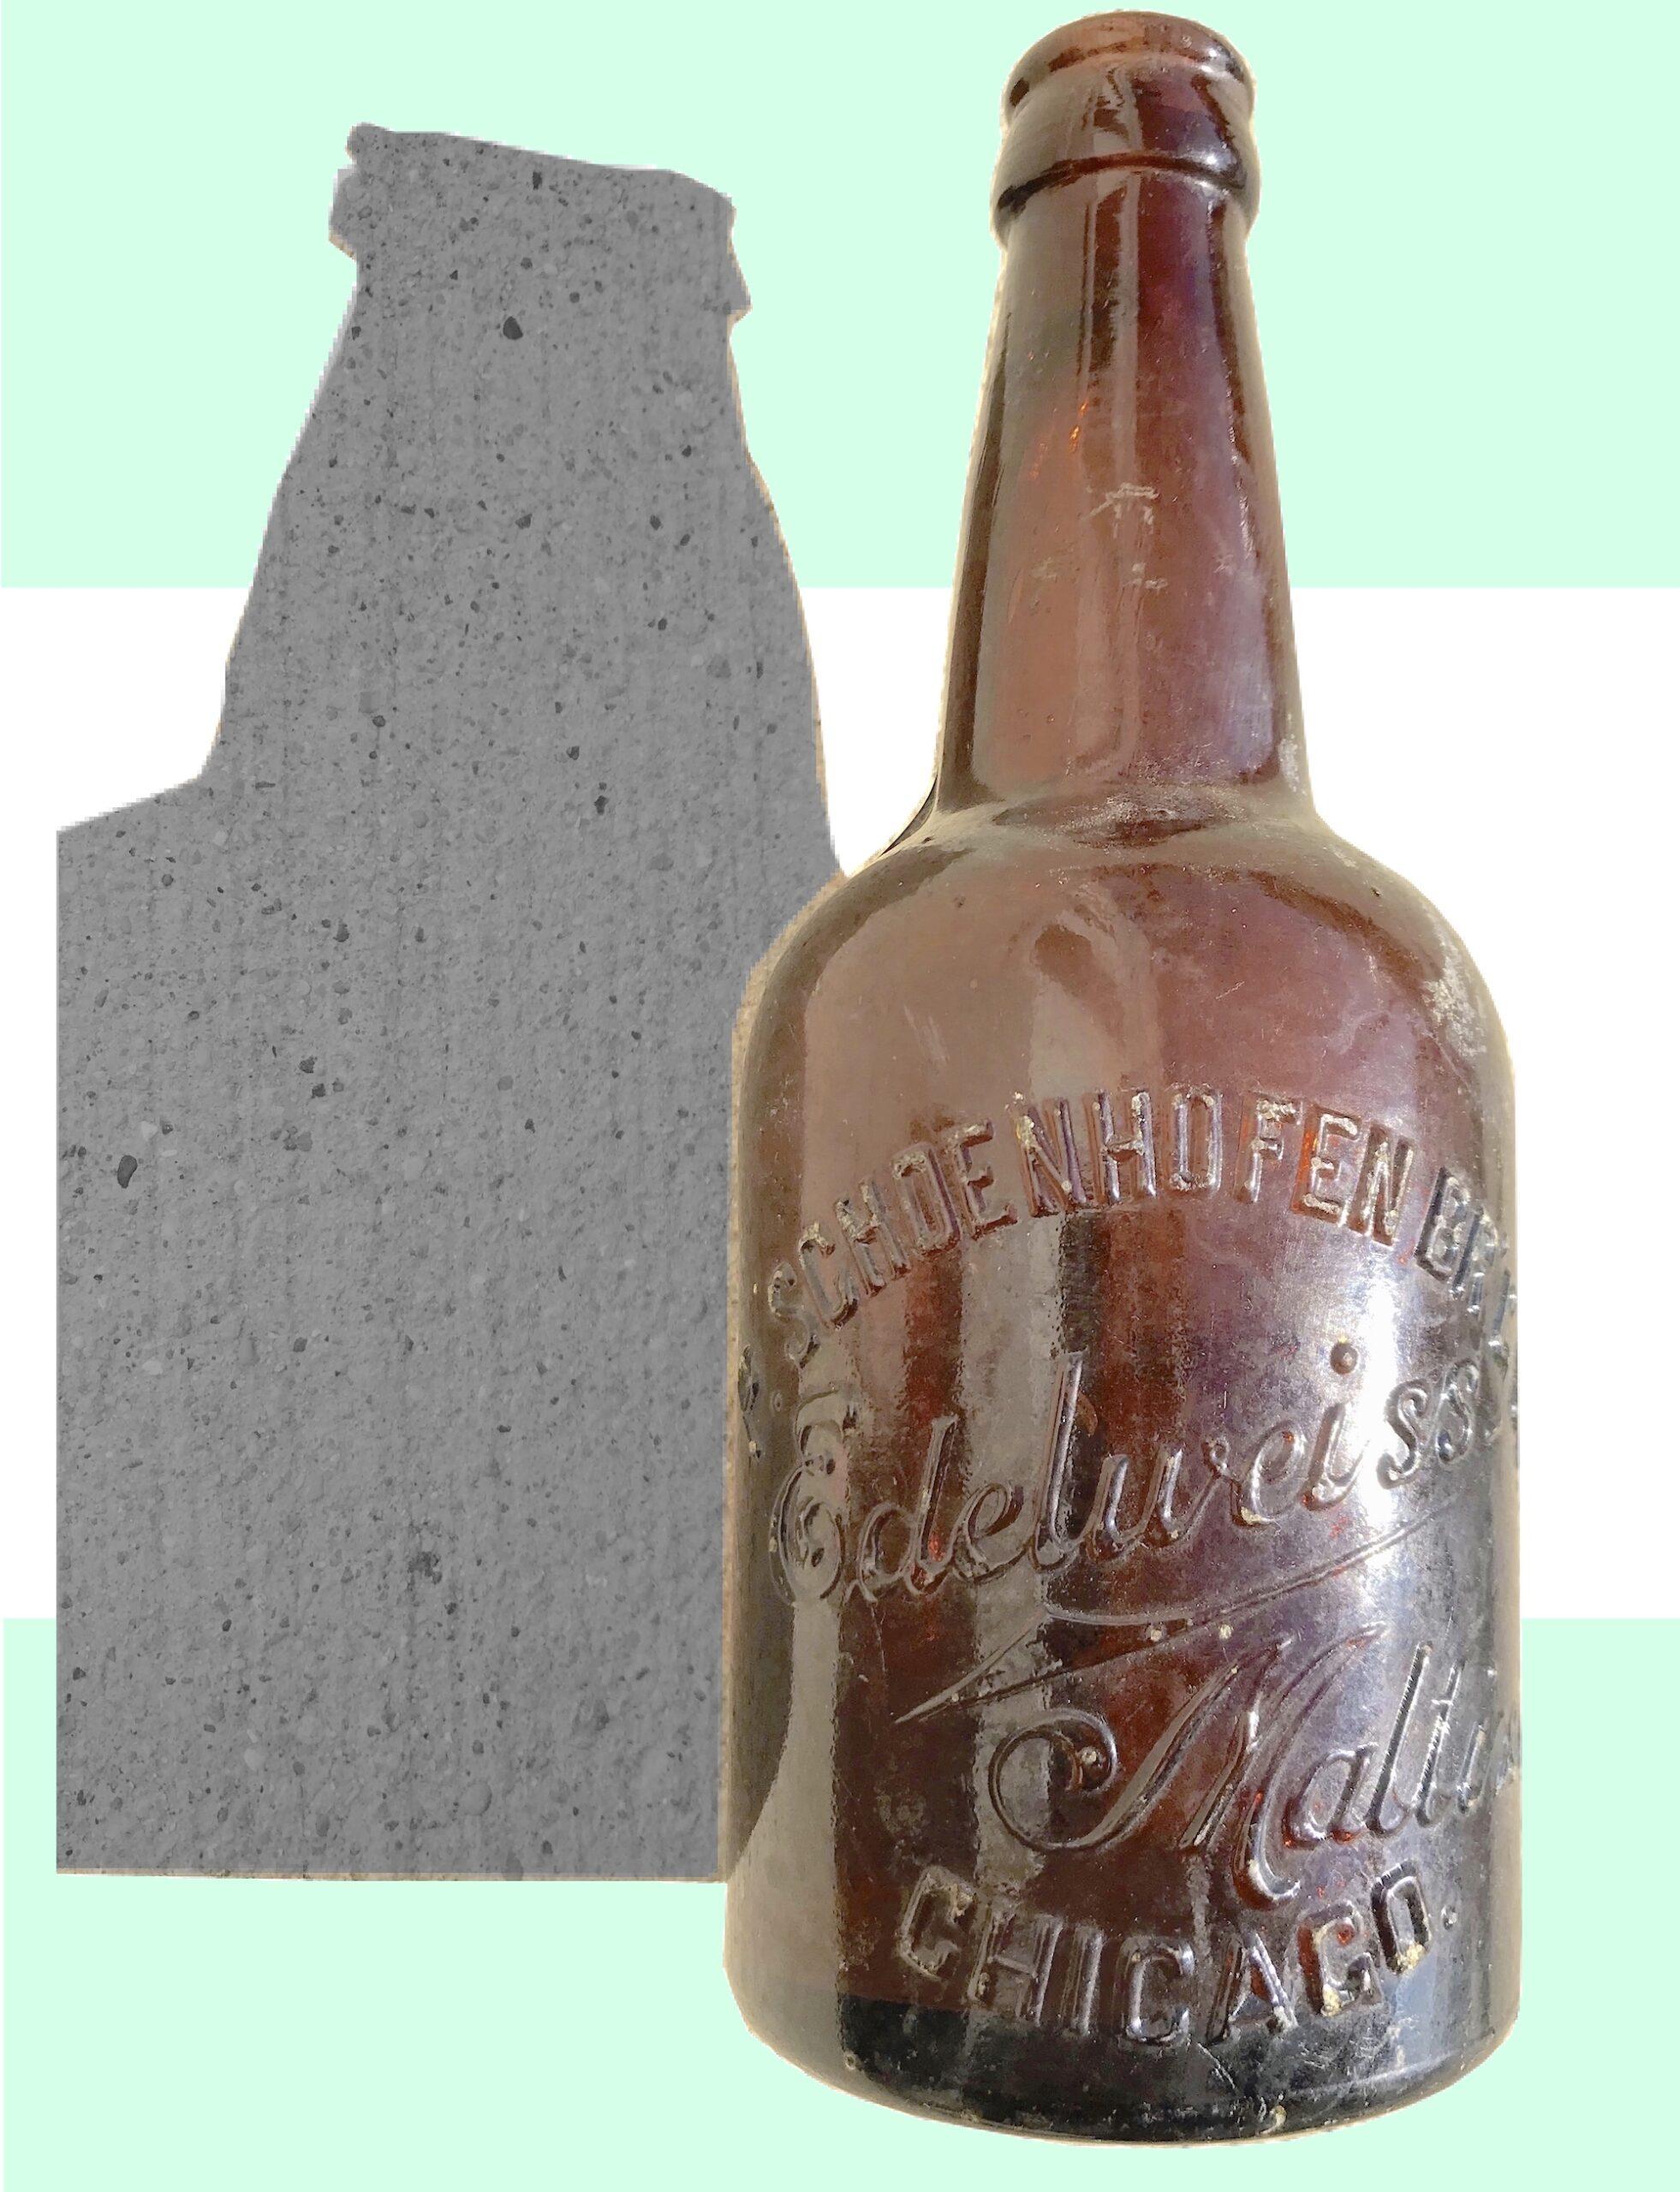 Schoenhofen Brewing Co., est. 1861